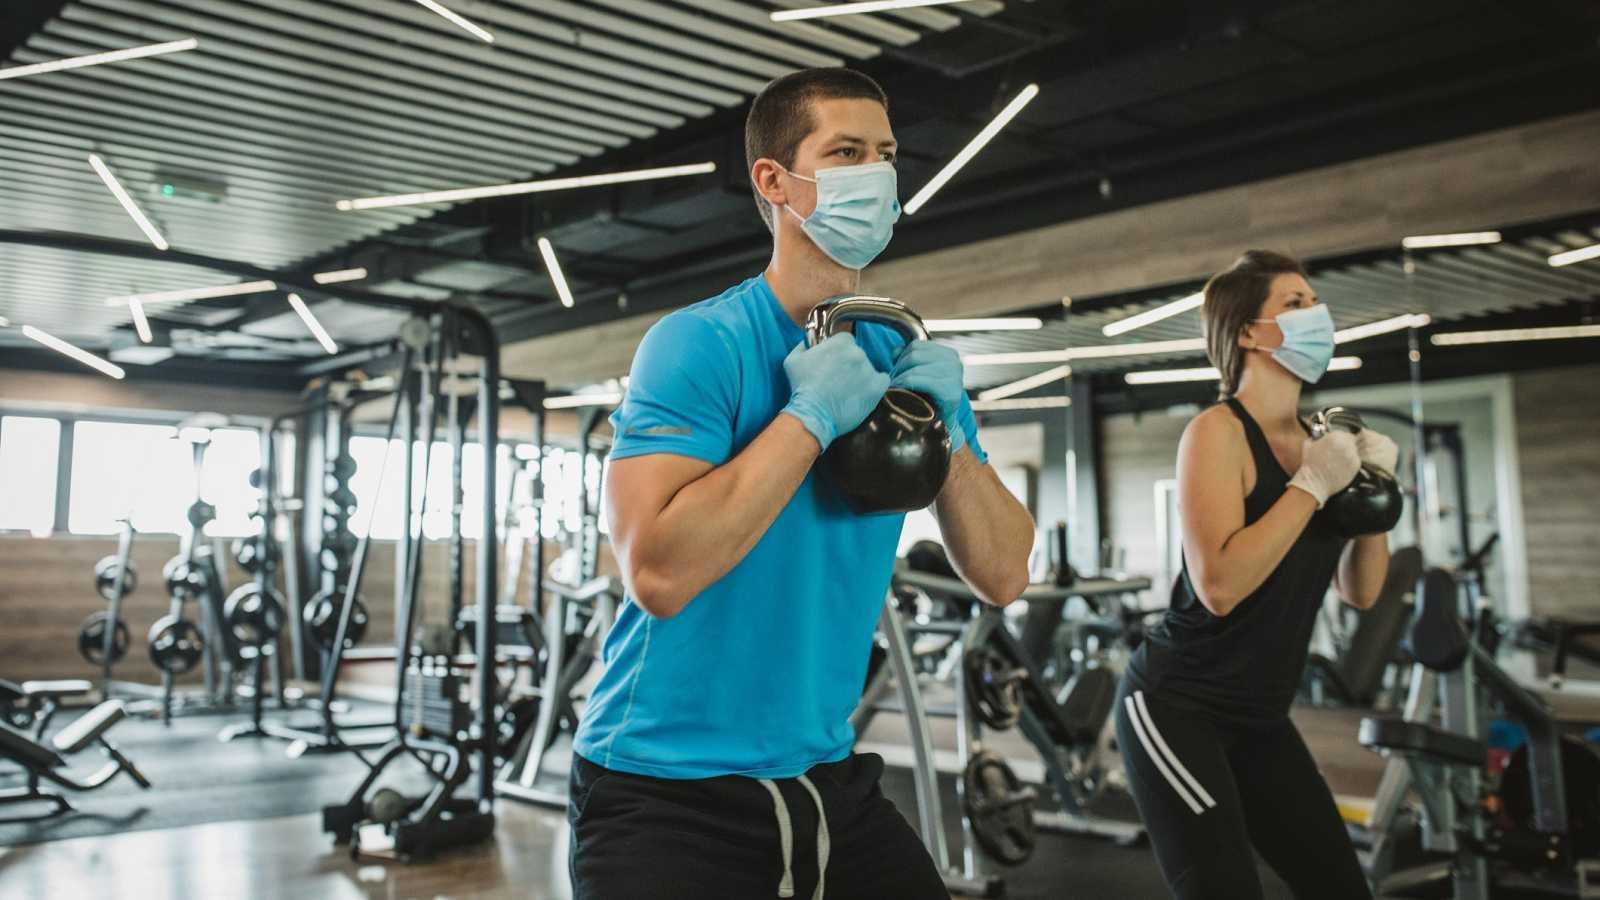 ¿Cómo ir seguro al gym en tiempos de Covid?